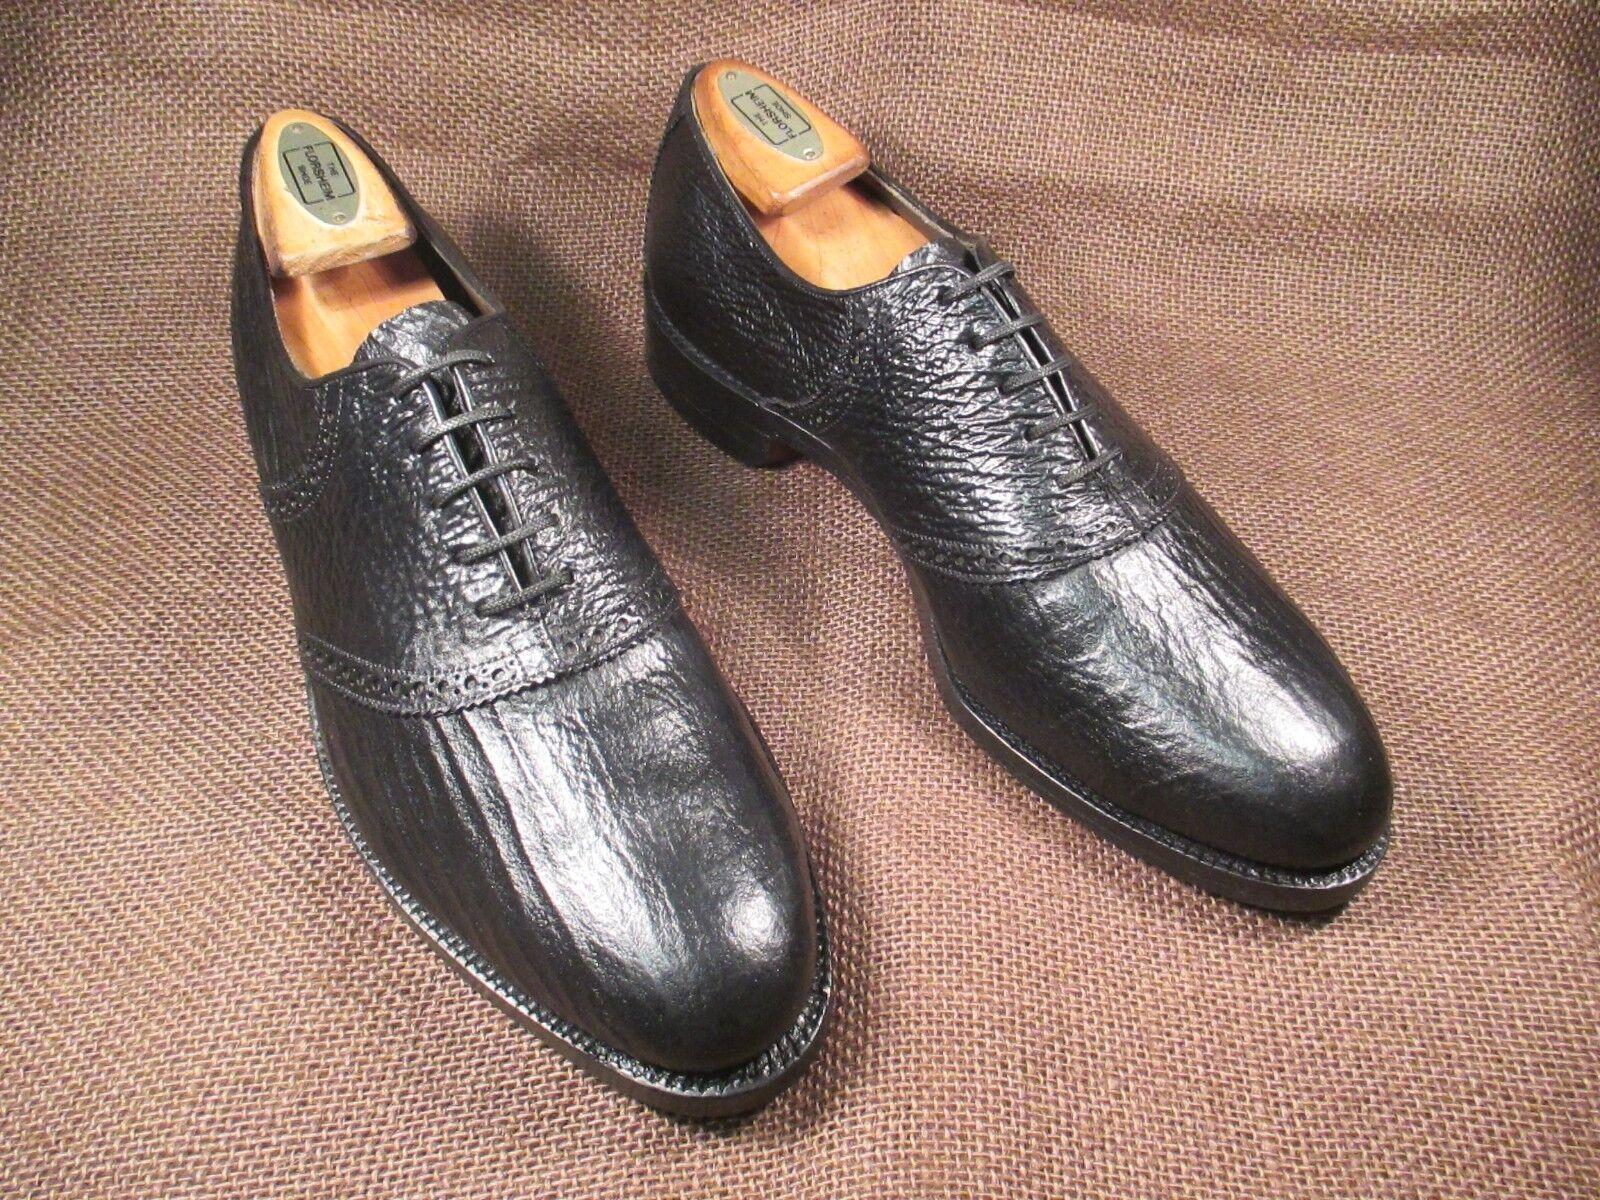 Black Genuine Shark Leather Saddle Oxfords V- CLEAT SHOES SIZE 7.5D